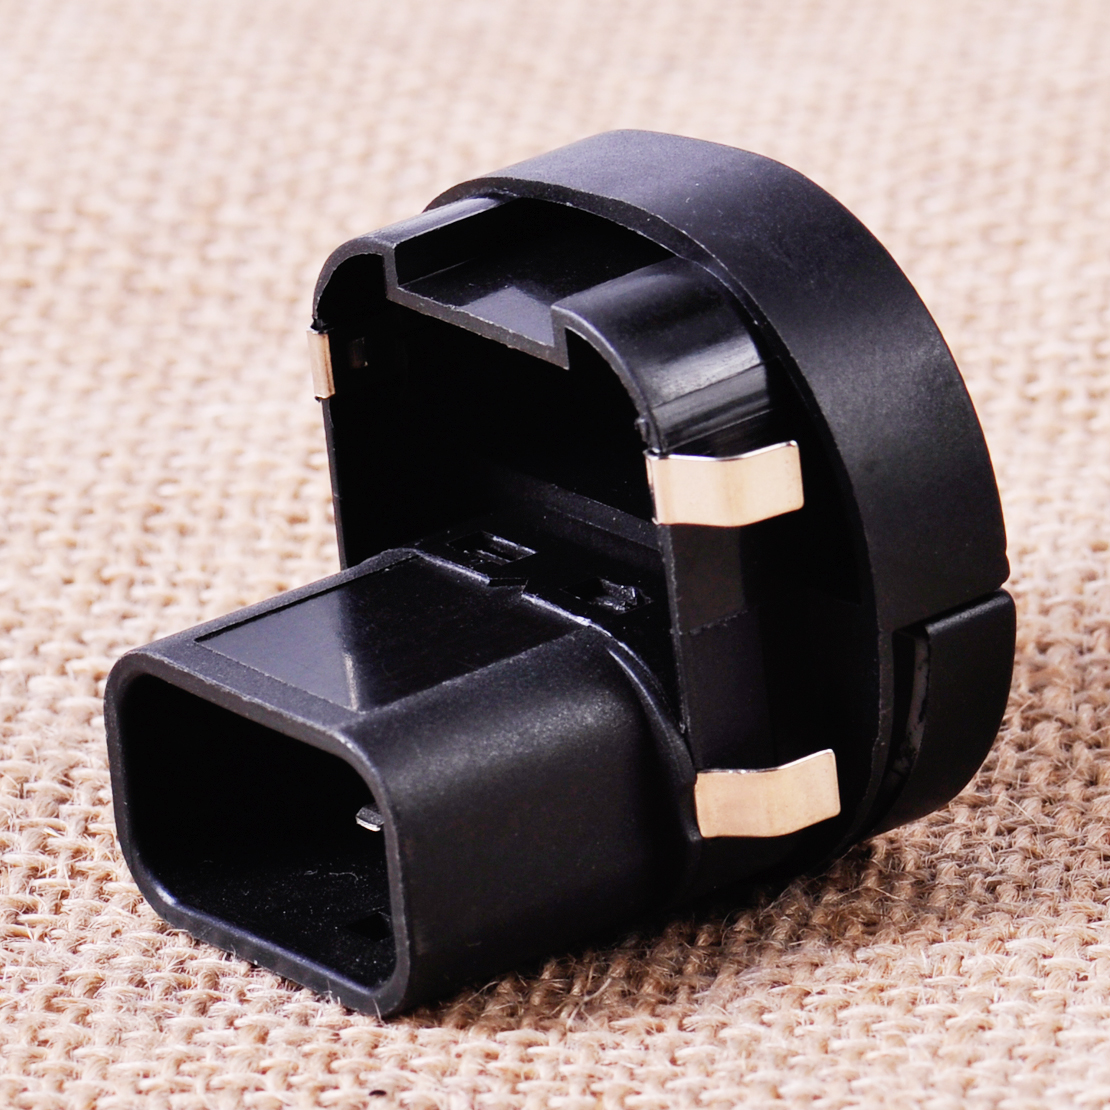 2x elektrischer fensterheber scheibenheber schalter f r. Black Bedroom Furniture Sets. Home Design Ideas